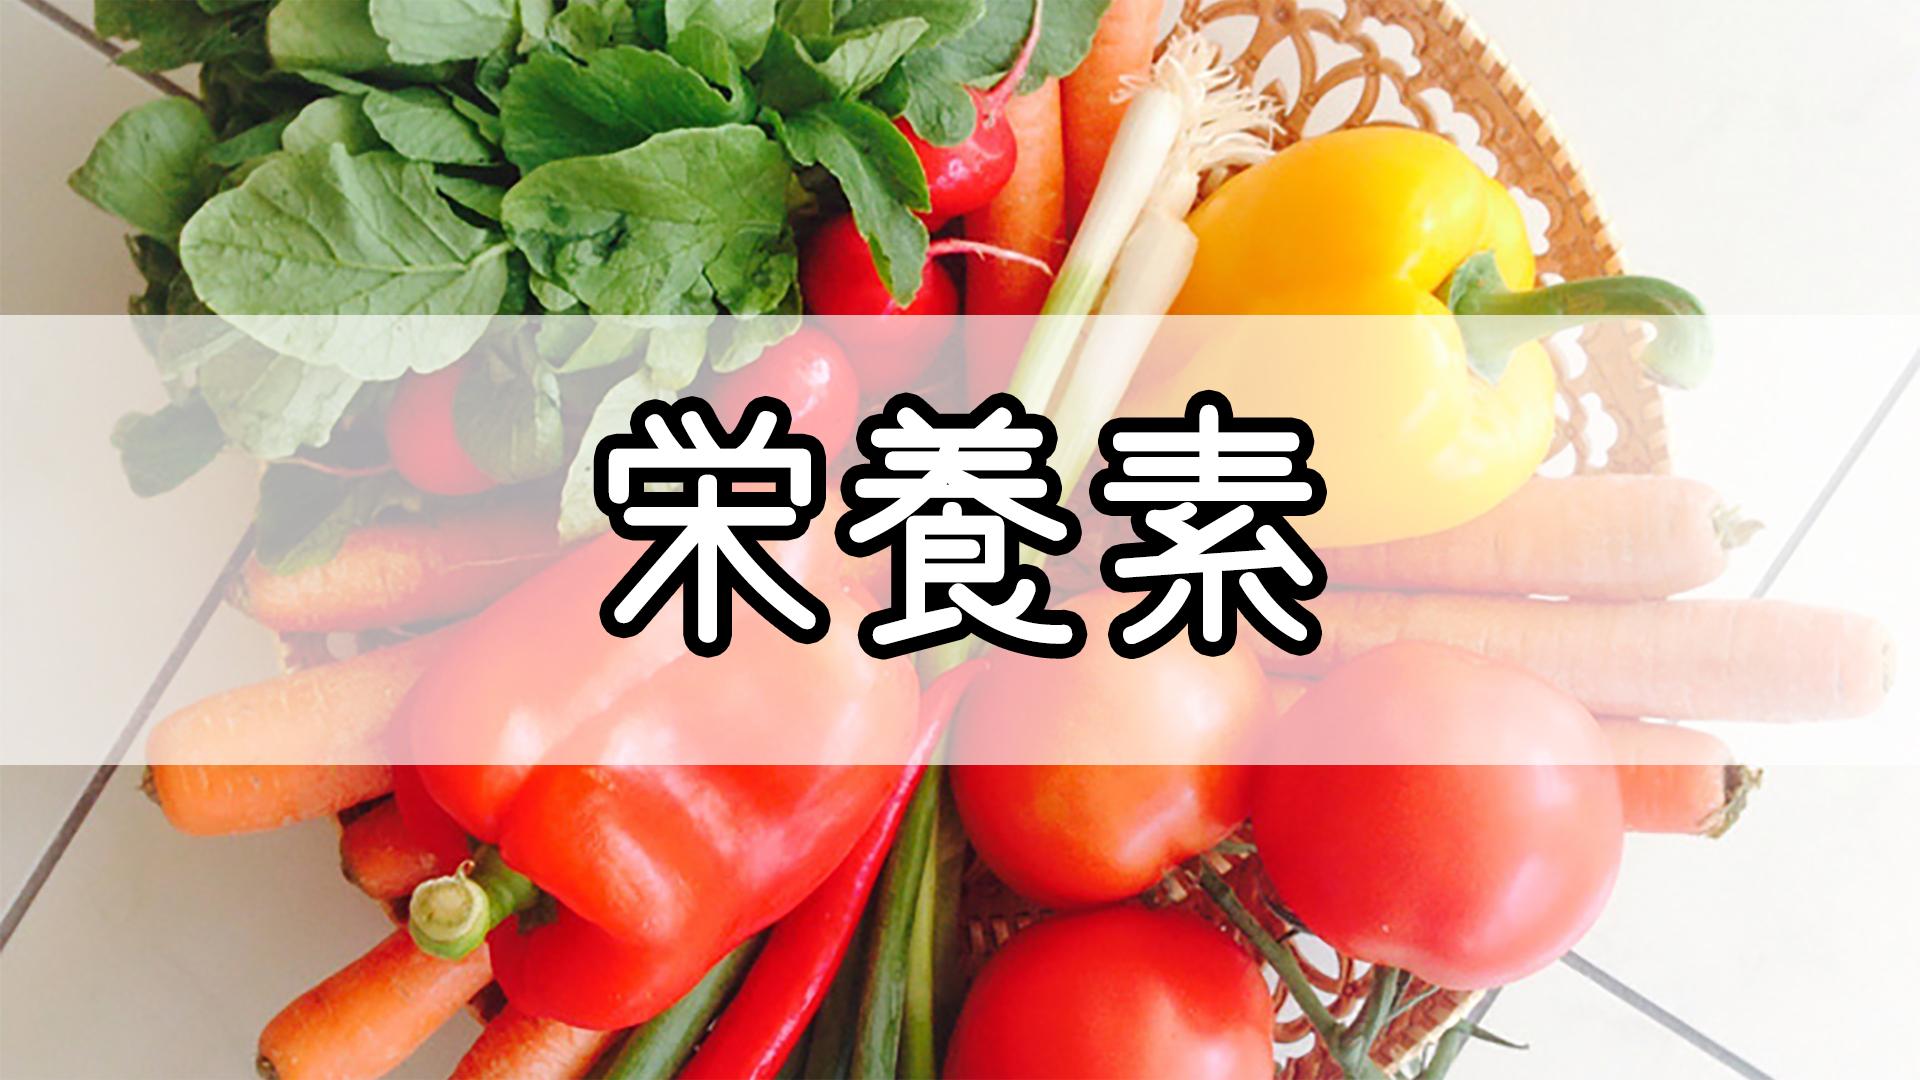 『栄養素』のゴロ・覚え方